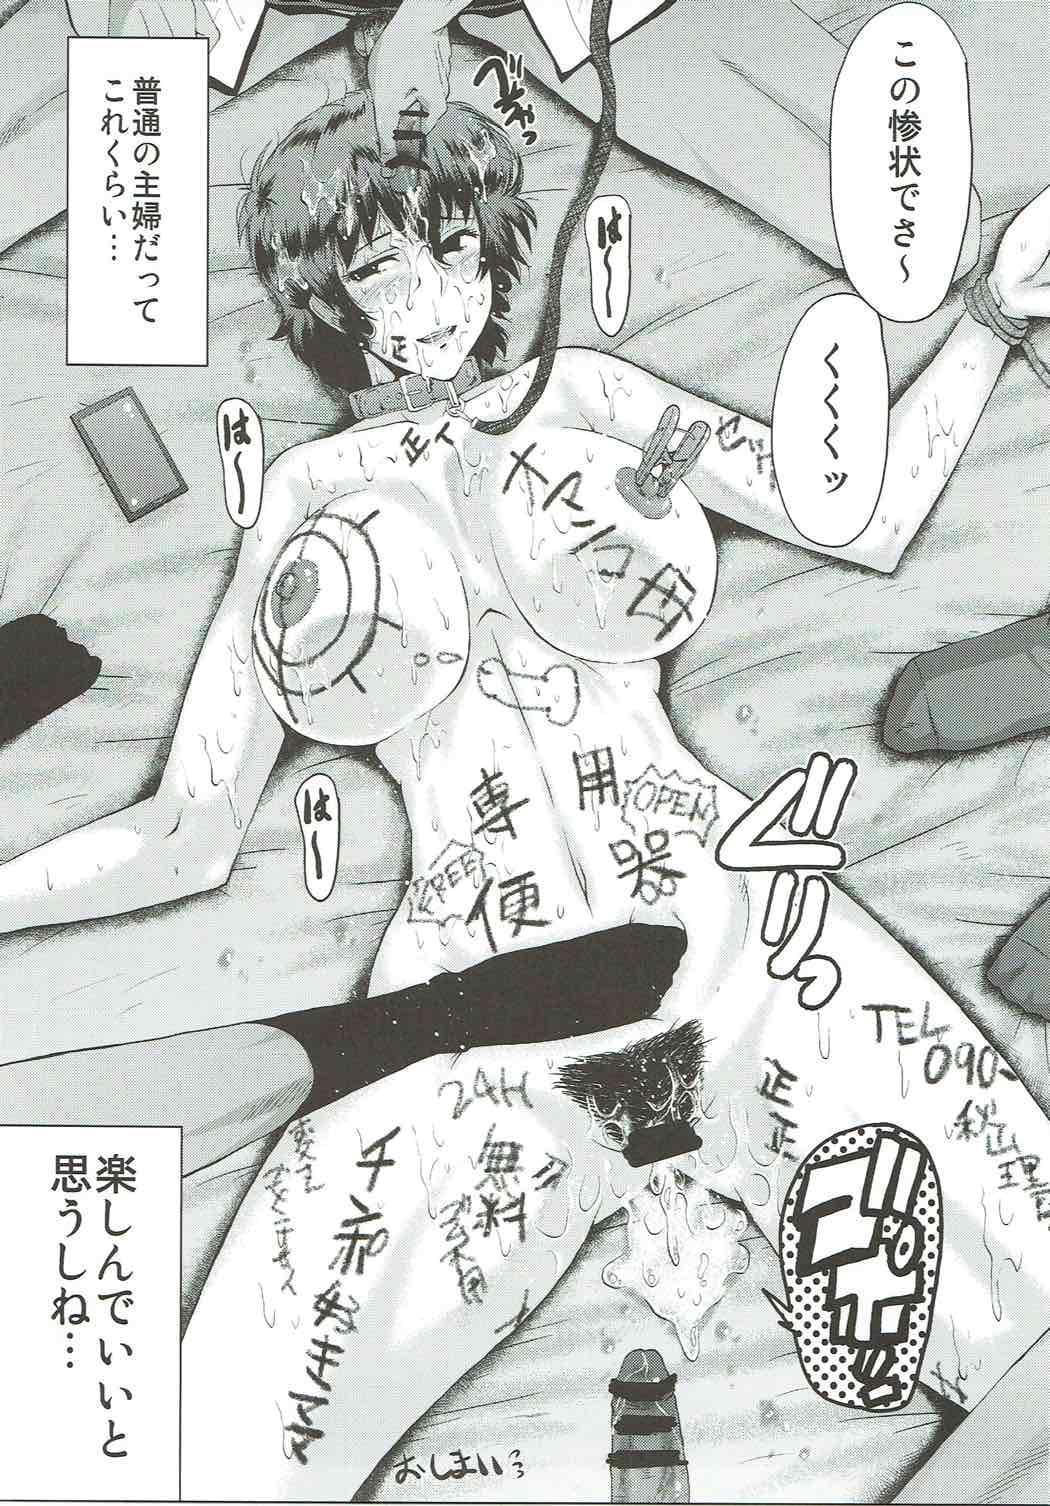 Urabambi 54 Oku-san, Chotto Ii desu ka? 25